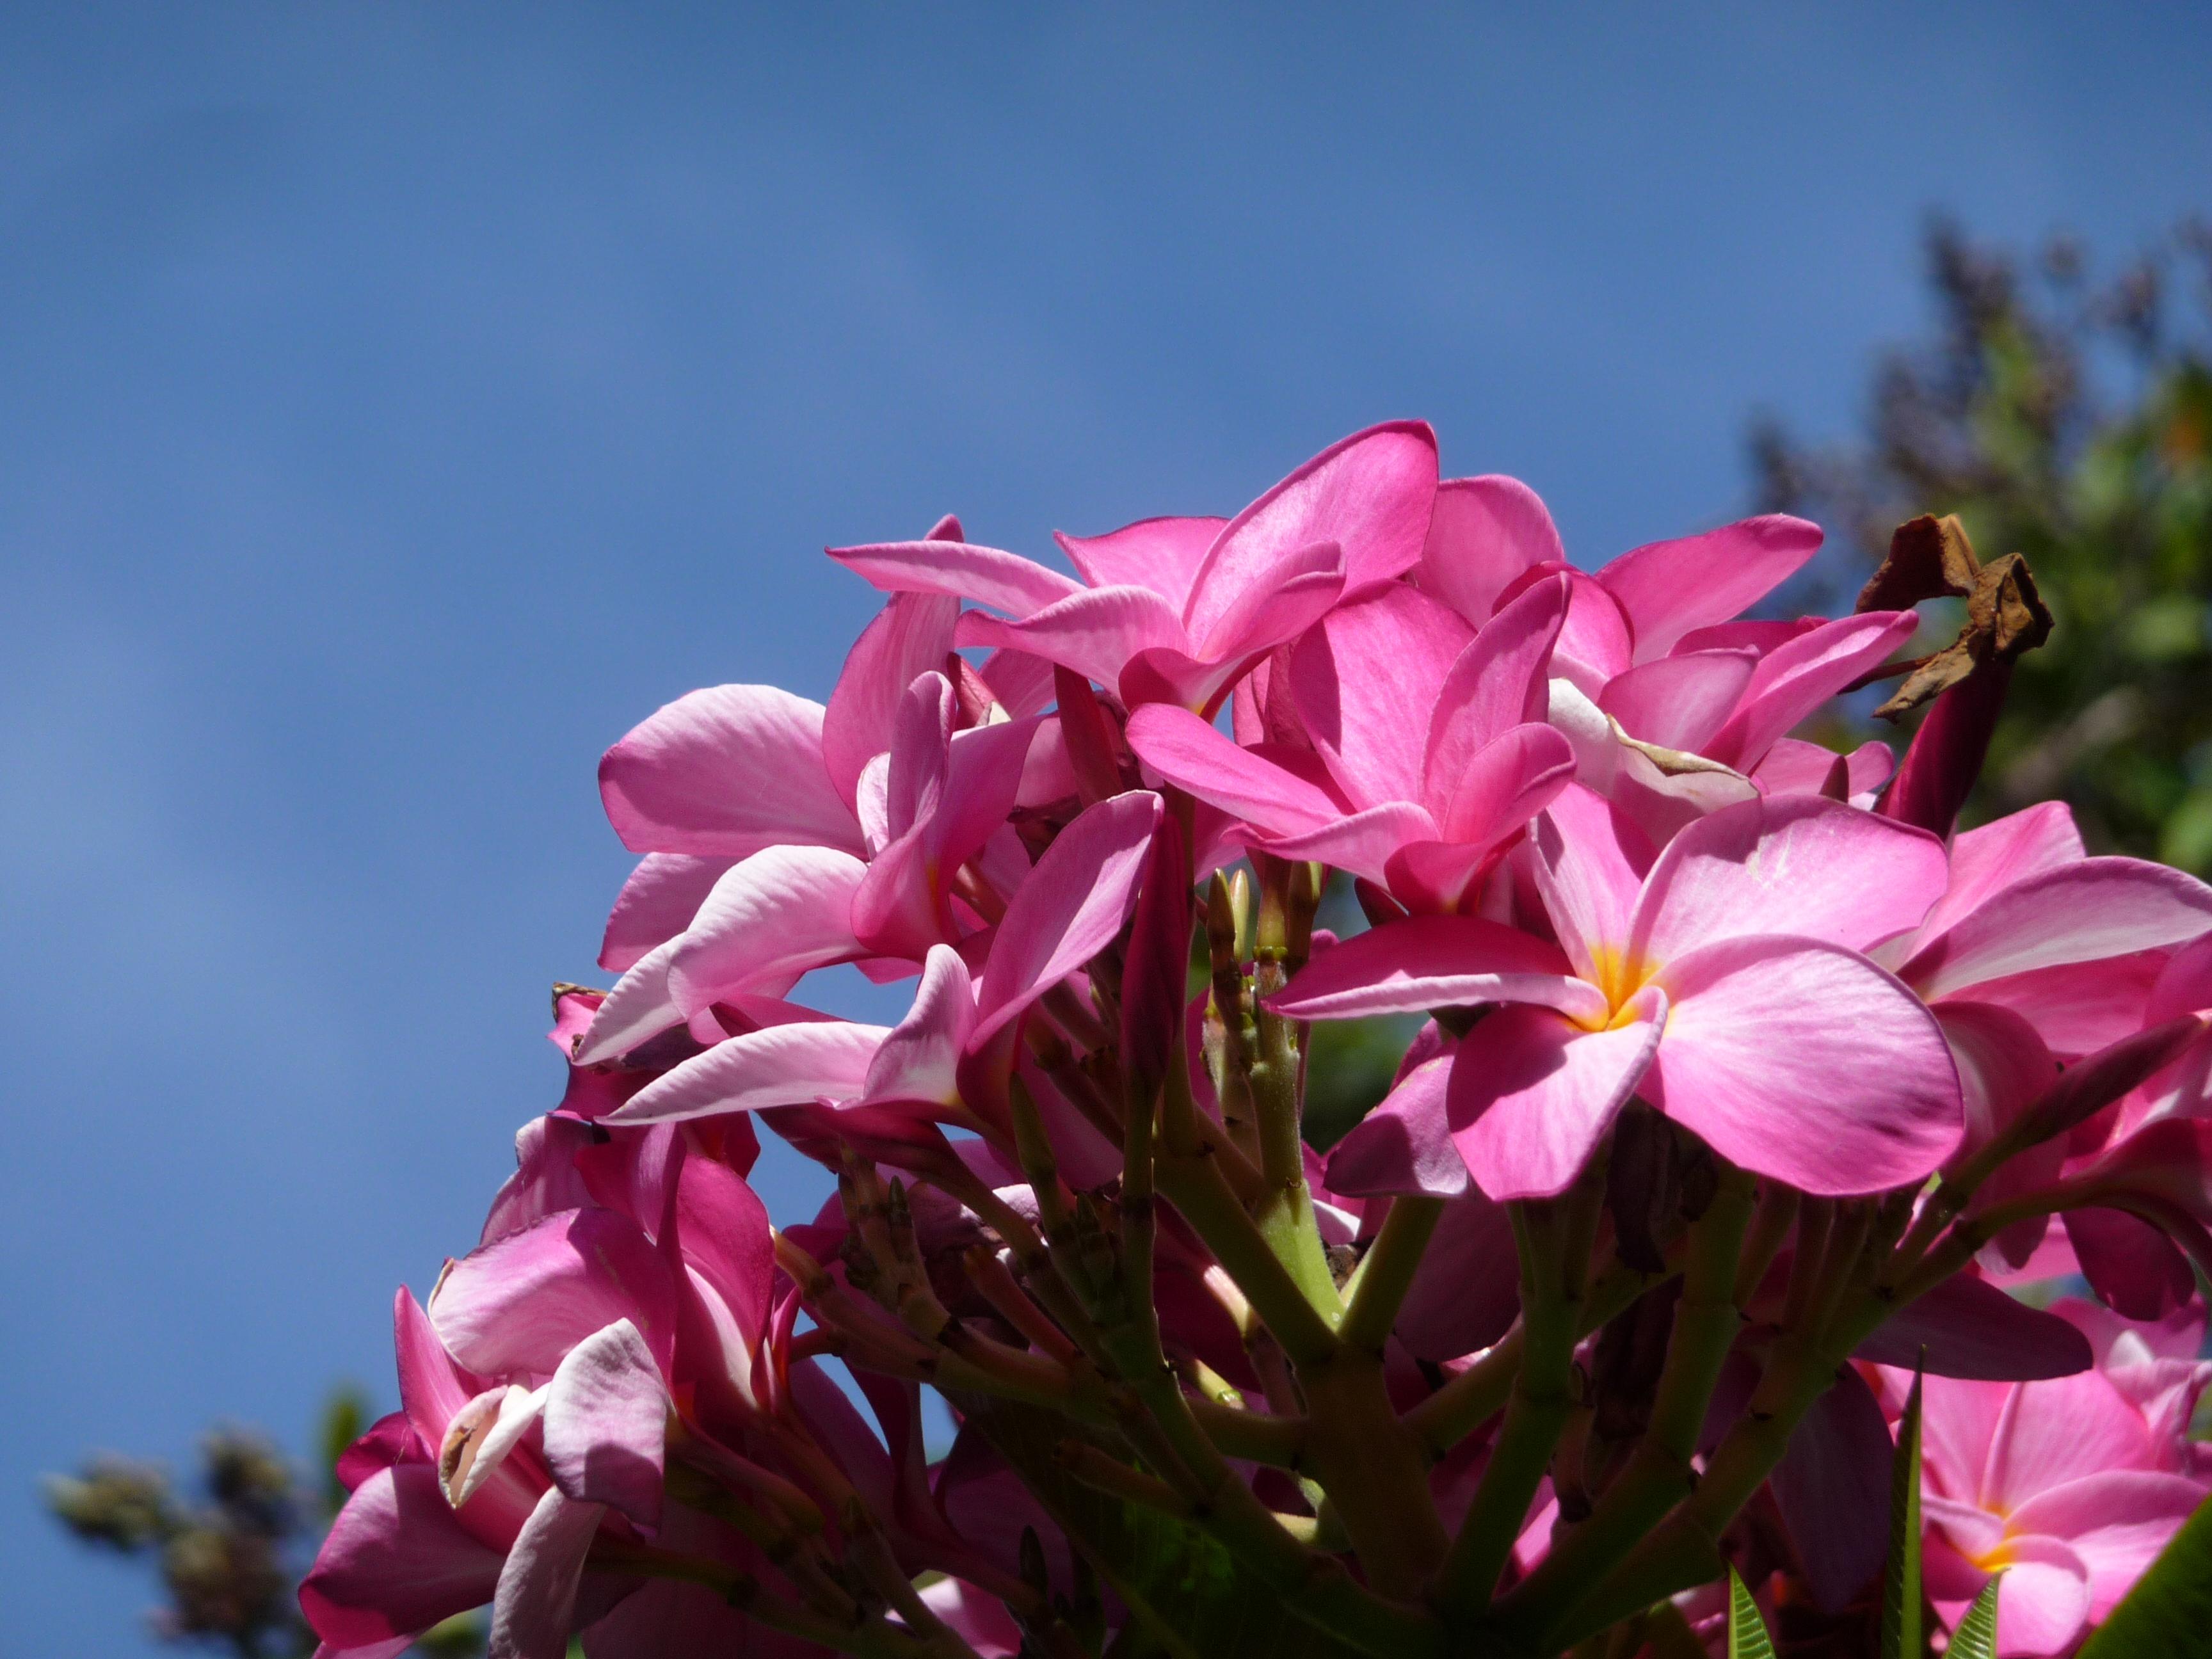 fleurs coconut grove miami vizcaya museum